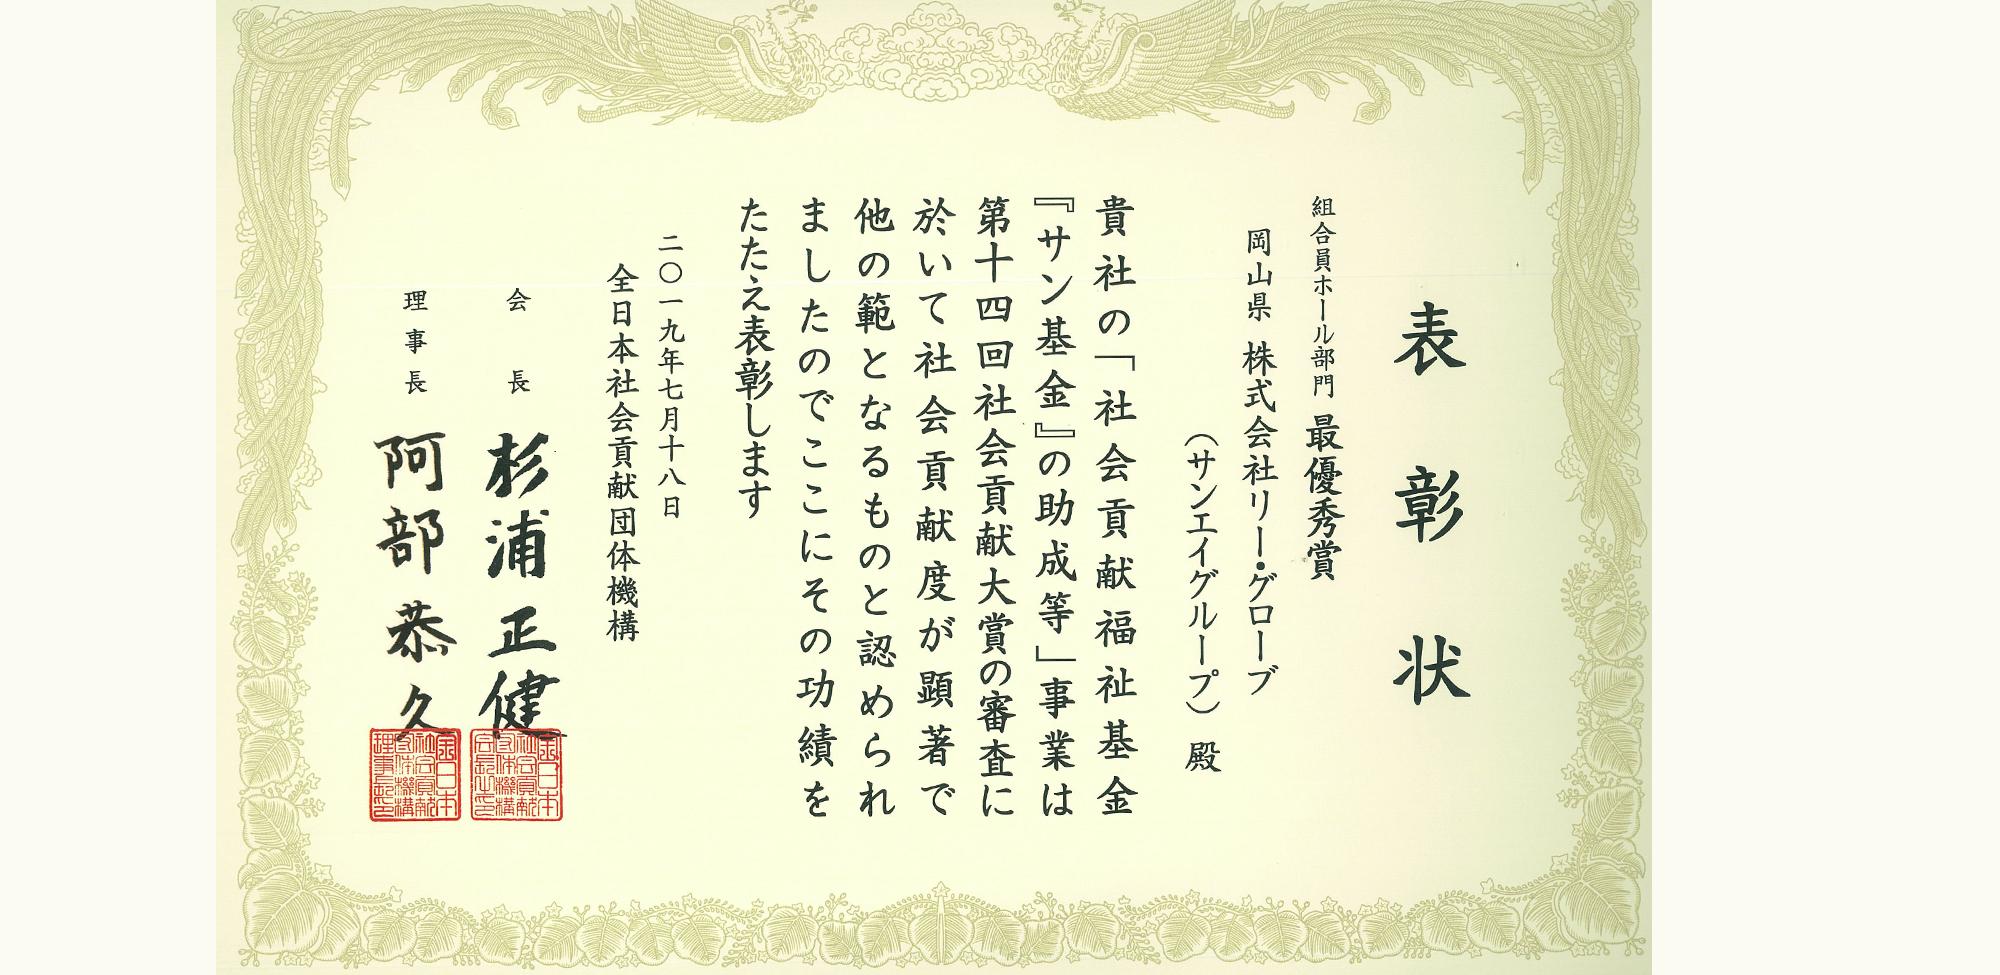 社会貢献大賞 最優秀賞受賞!